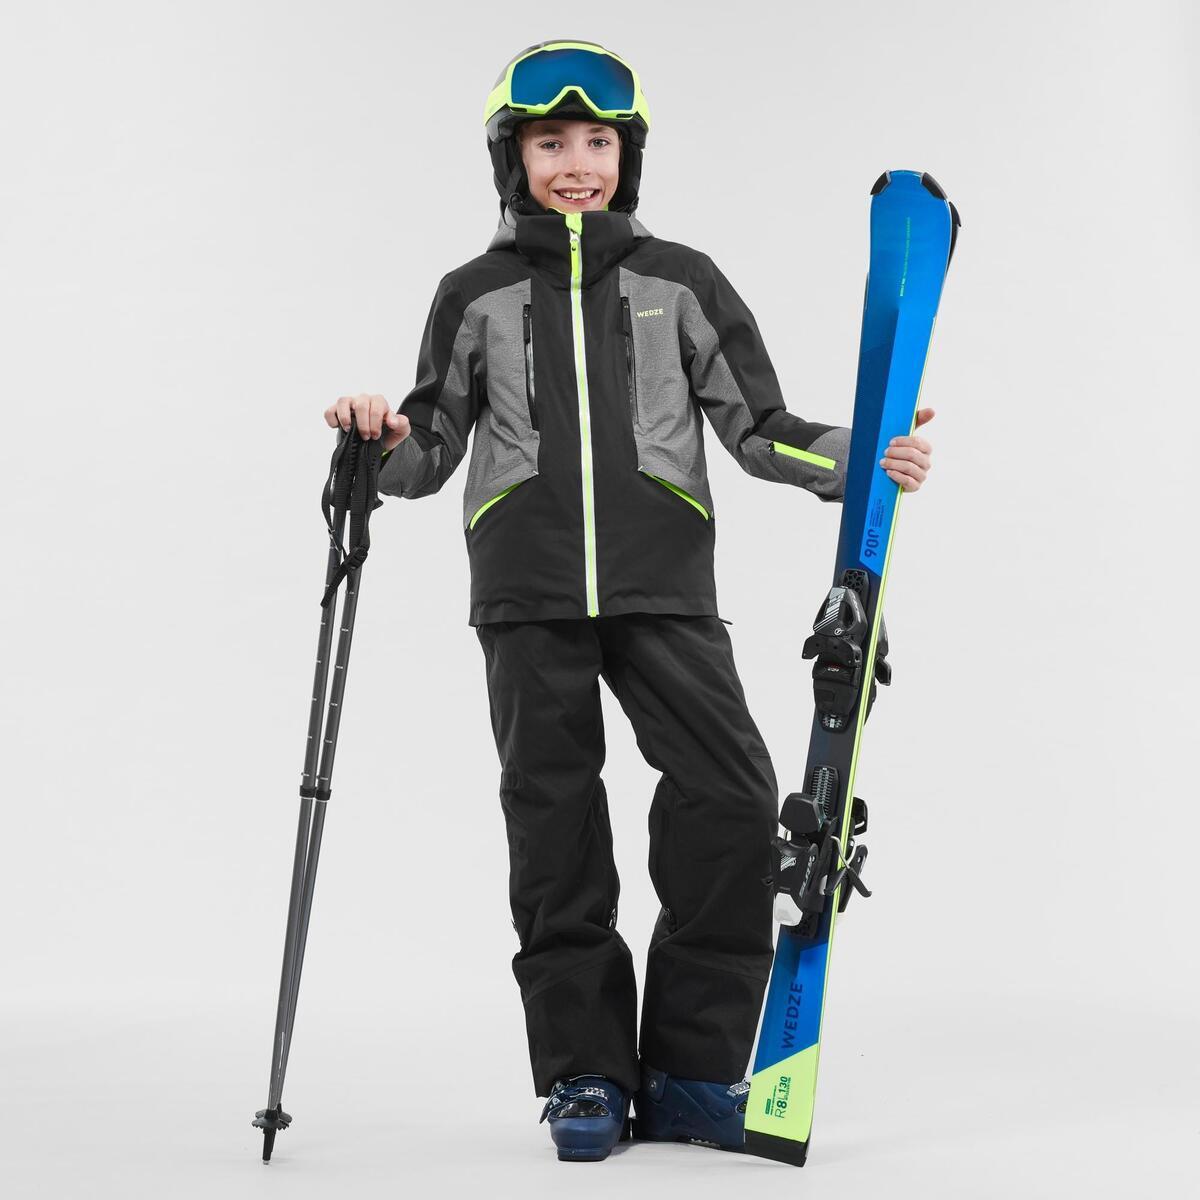 Bild 2 von Skijacke Piste 900 Kinder grau/schwarz